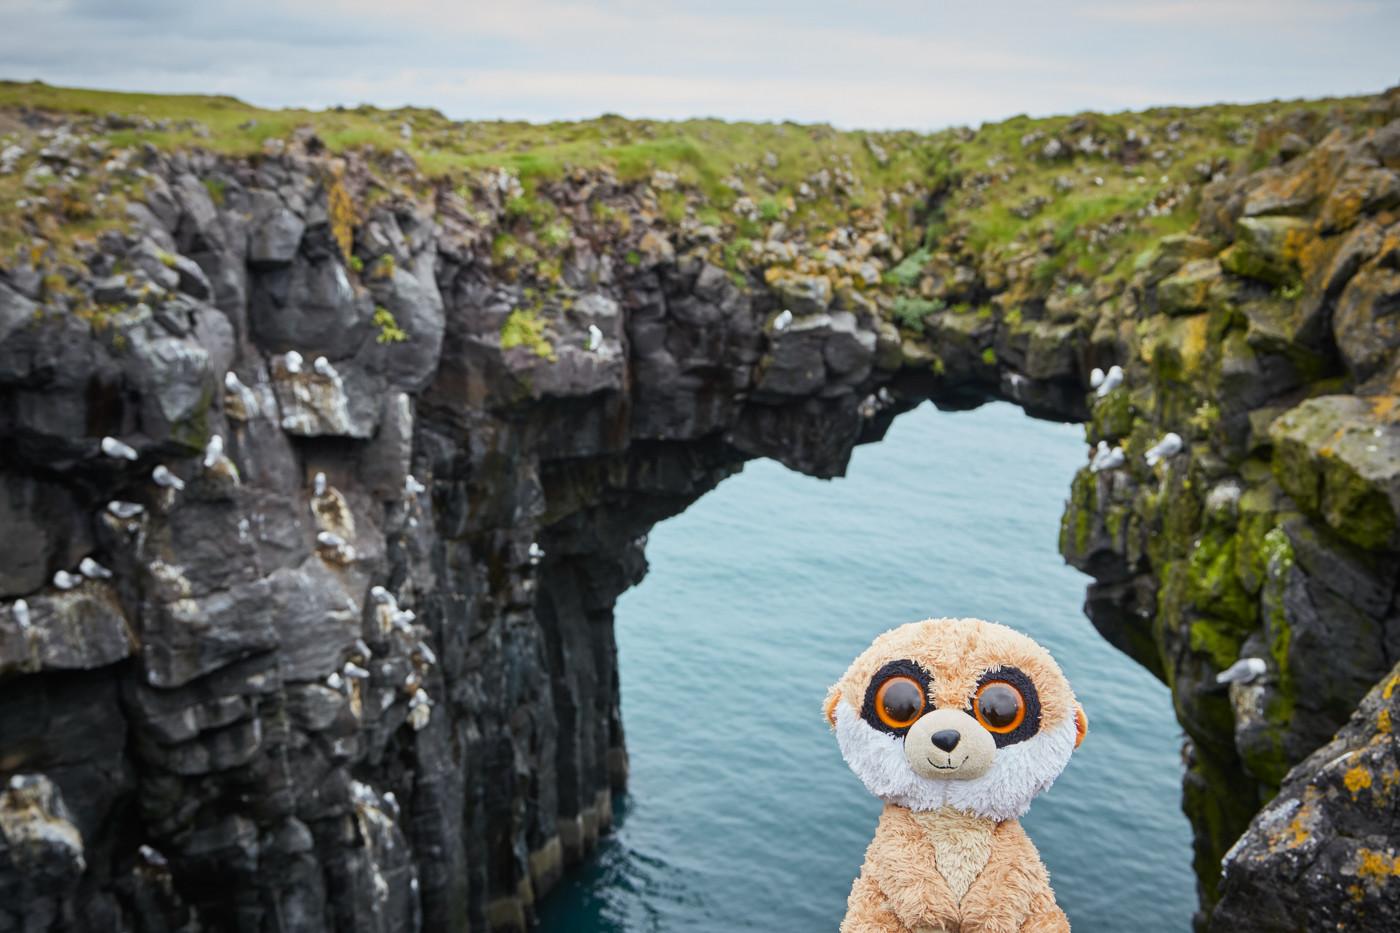 Ed auf Snaeffelsnes, Ed in Island, Ed das Erdmännchen, Reisemaskottchen, Reise Maskottchen, travel maskot, Ed at Snaeffelsnes